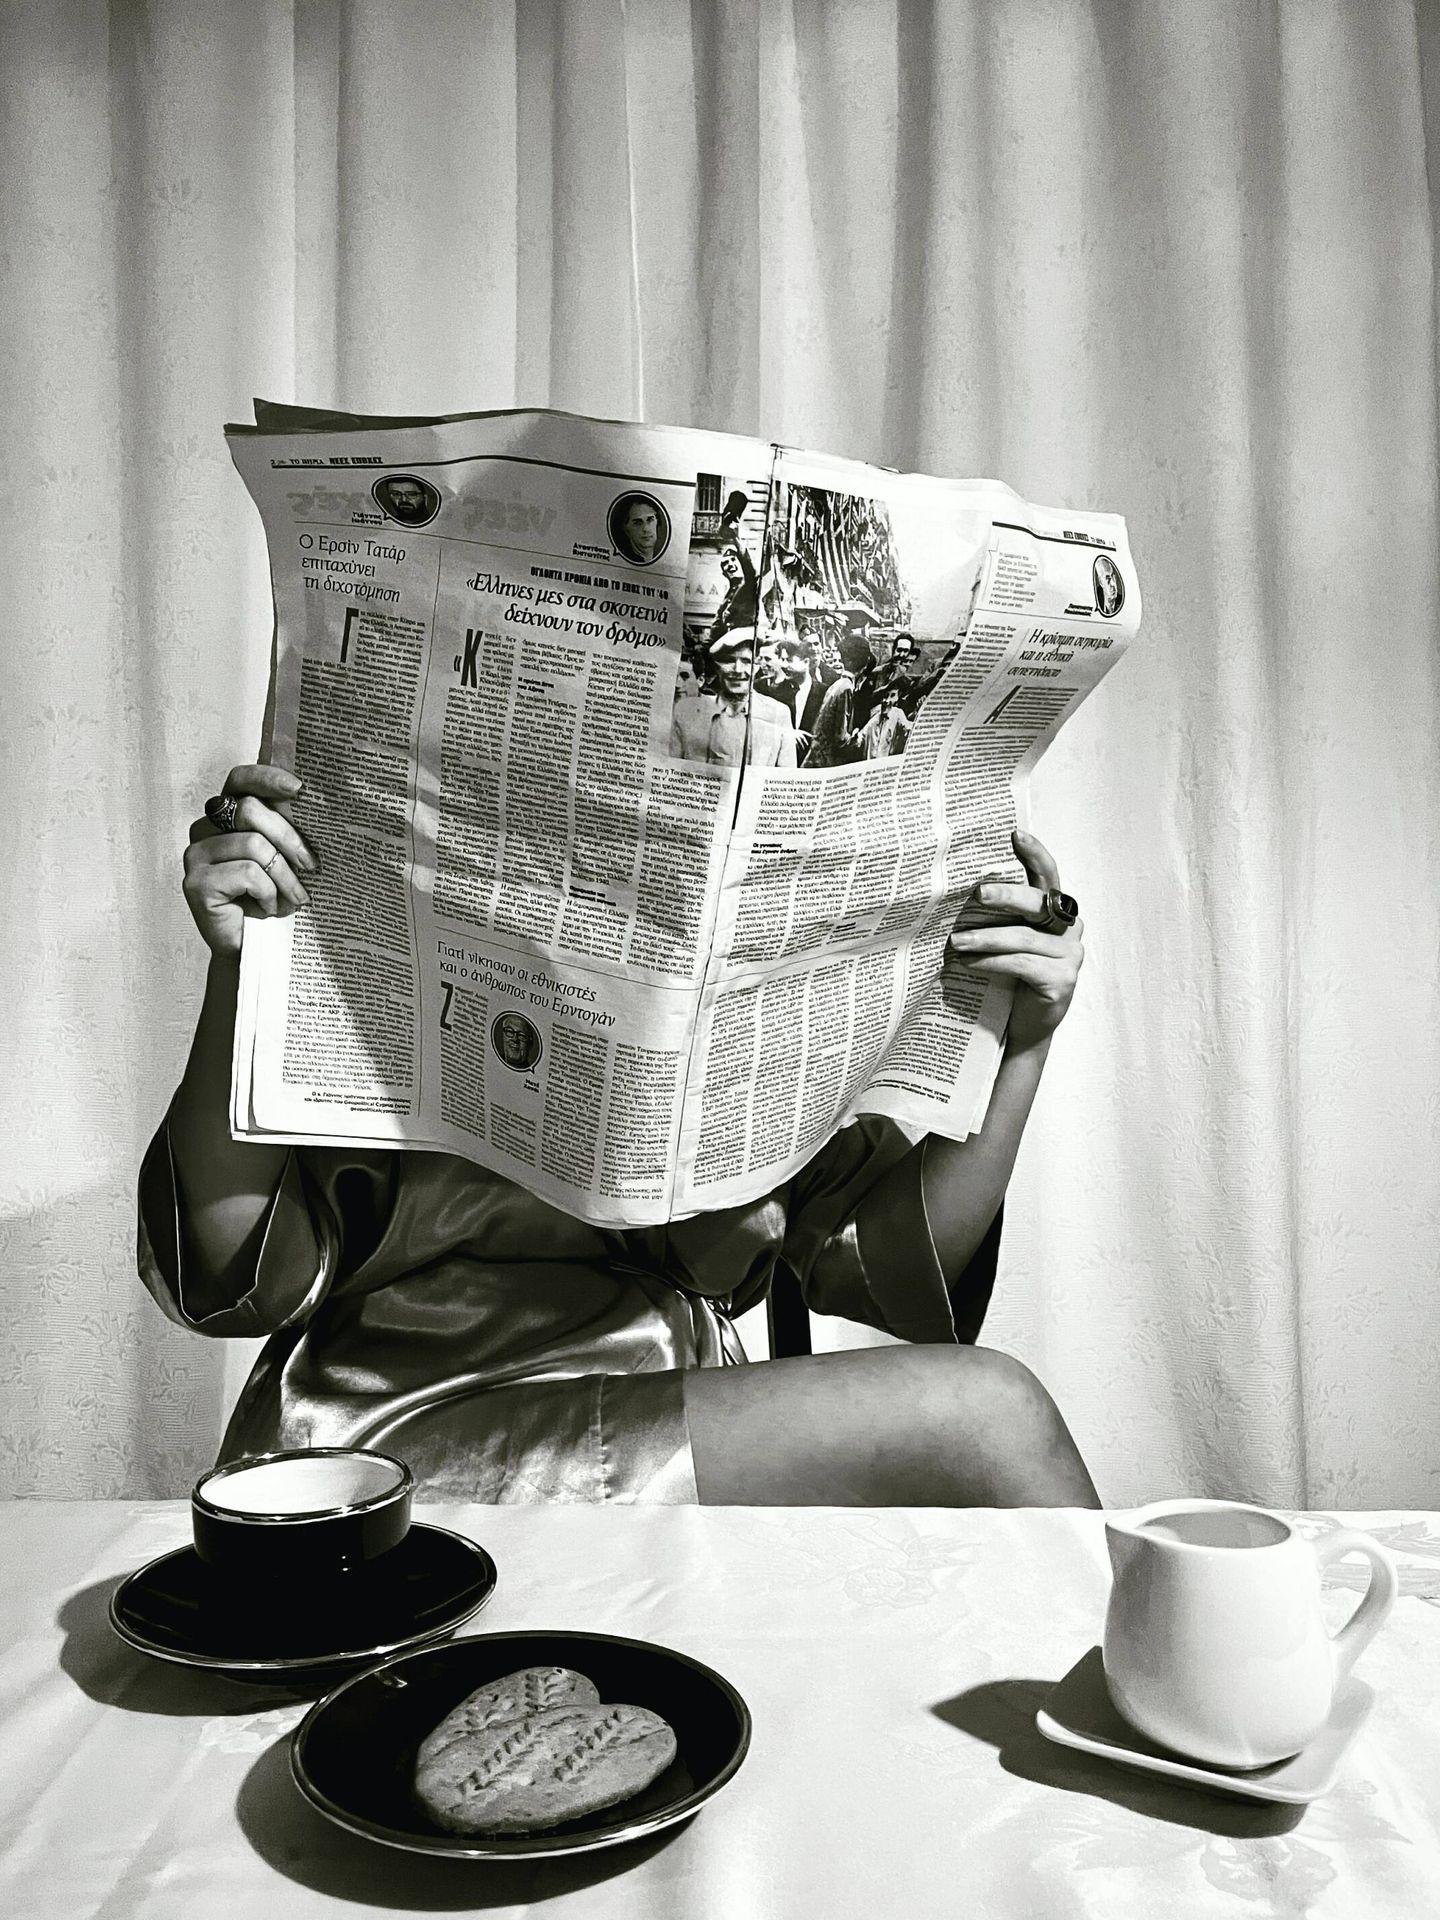 Mujer leyendo un periódico en papel durante el desayuno. (Unsplash)